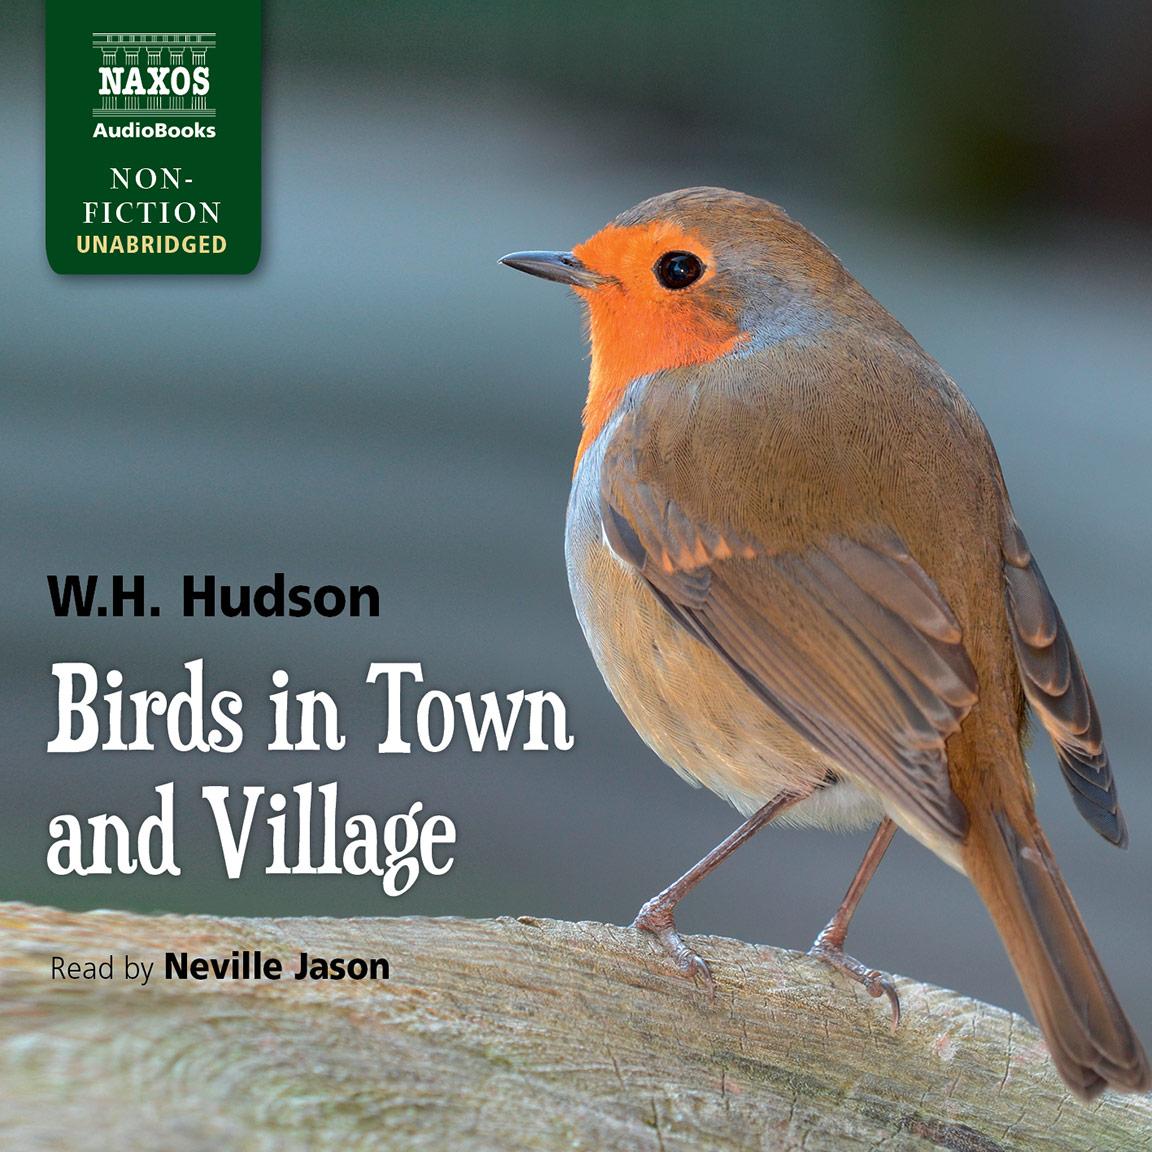 Birds in Town and Village (unabridged)